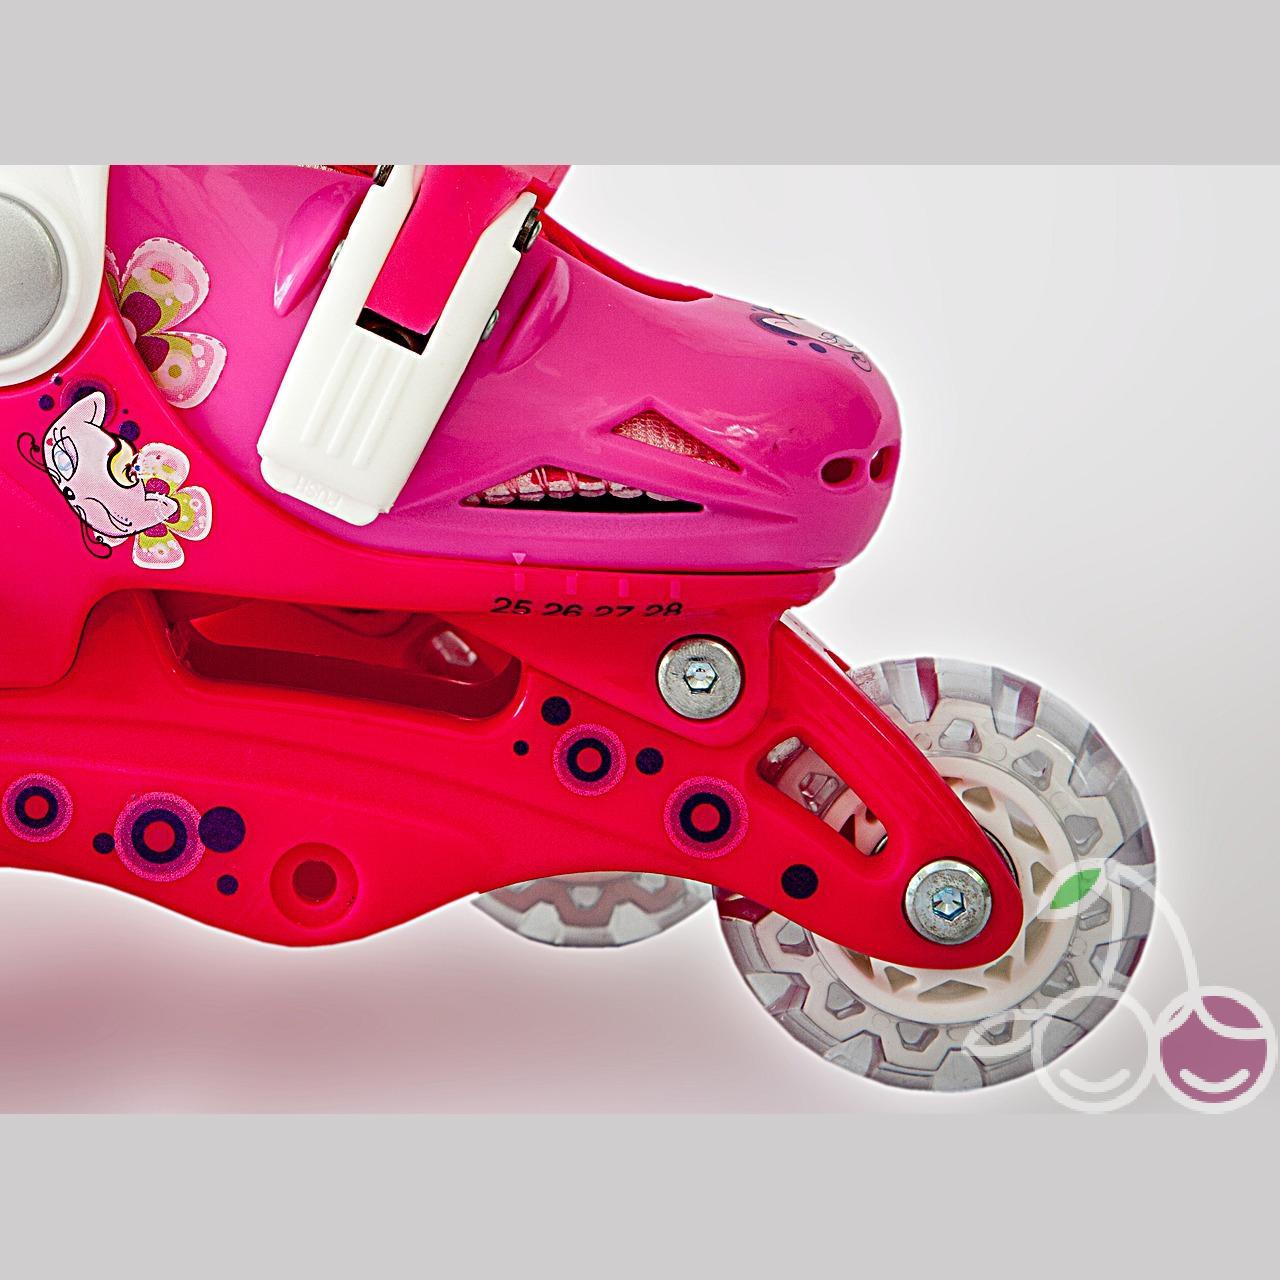 Роликовые коньки детские 26 размер, для обучения (трансформеры, раздвижной ботинок) MagicWheels розовые, - фото 6